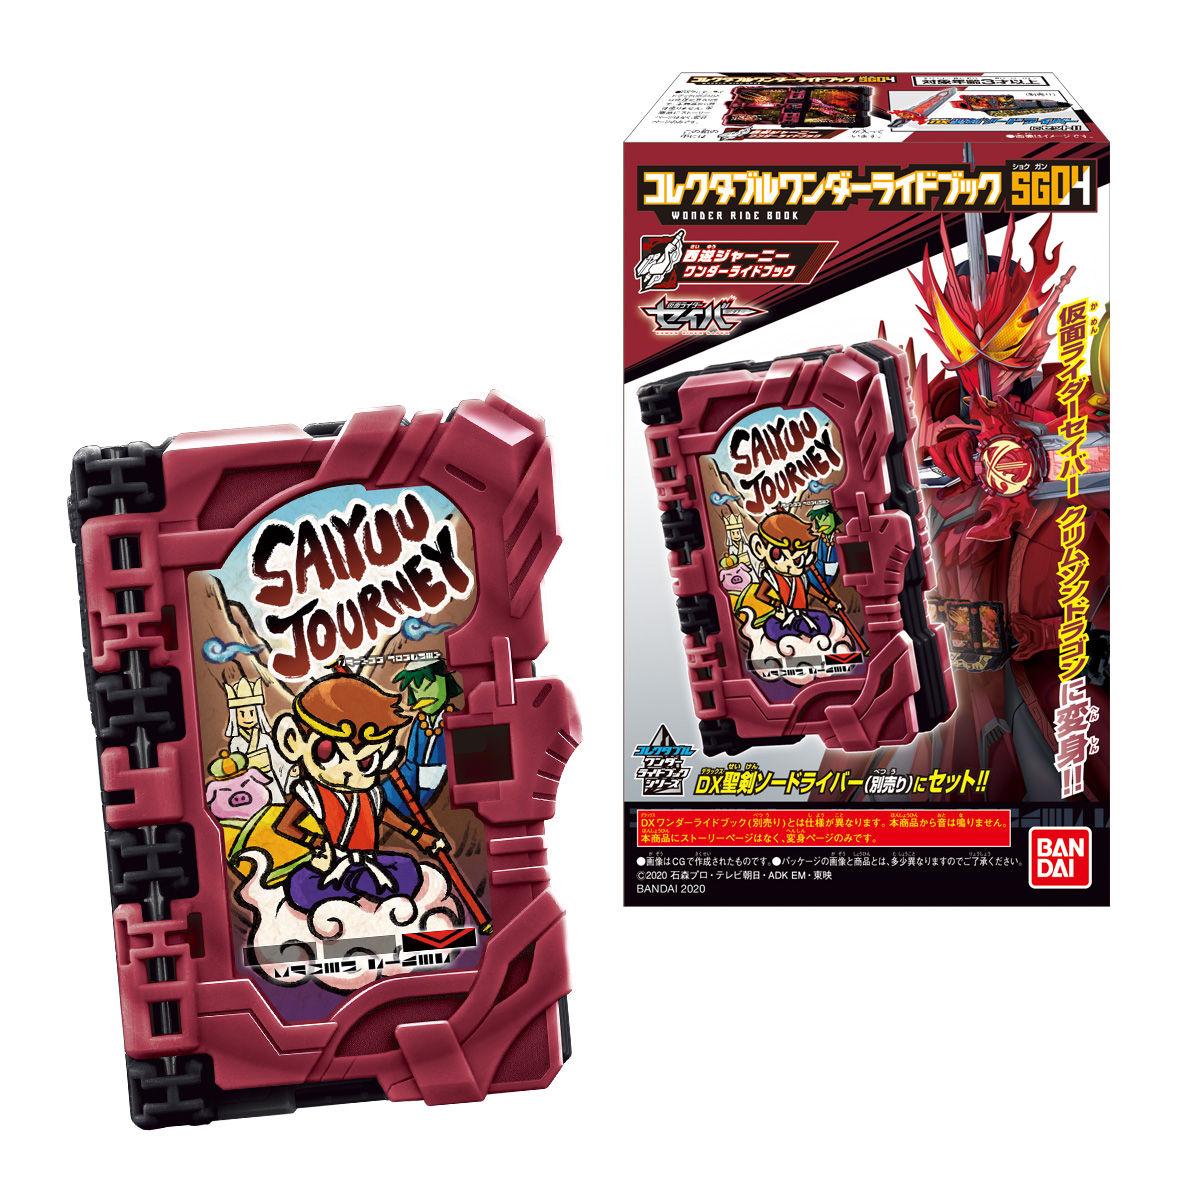 【食玩】仮面ライダーセイバー『コレクタブルワンダーライドブック SG04』8個入りBOX-001